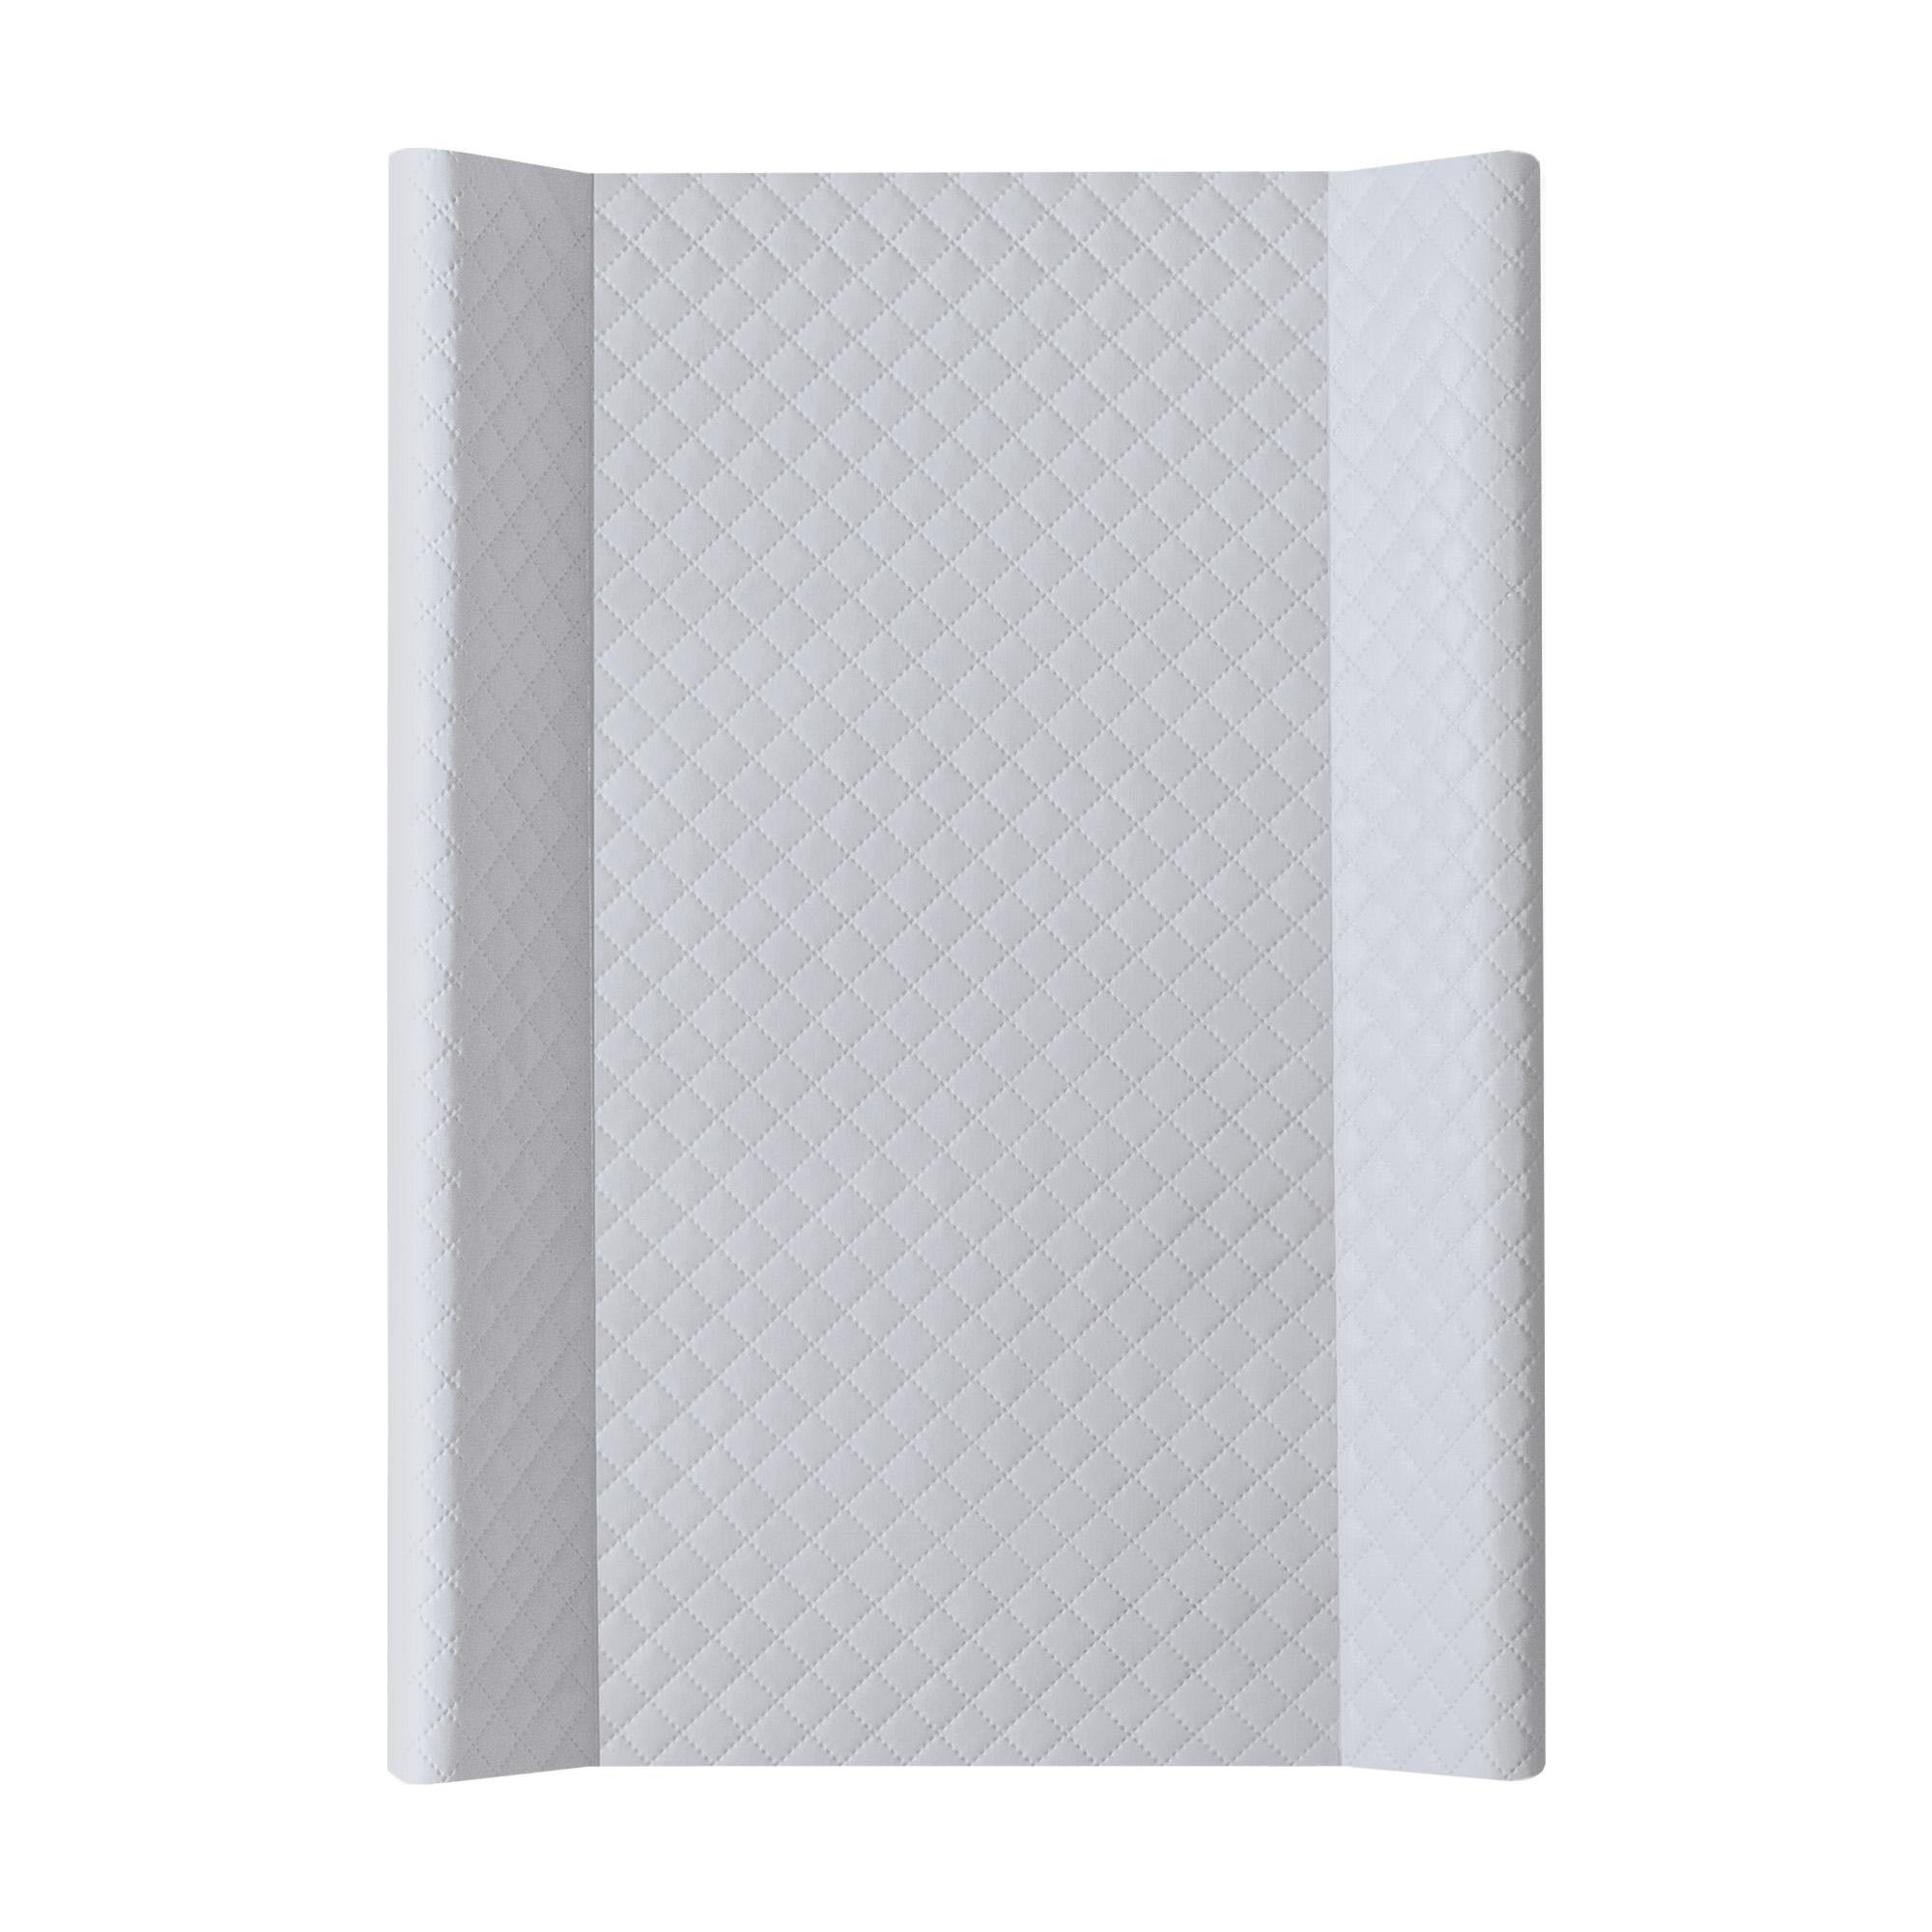 Přebalovací podložka CEBA MDF 70 cm Caro šedá